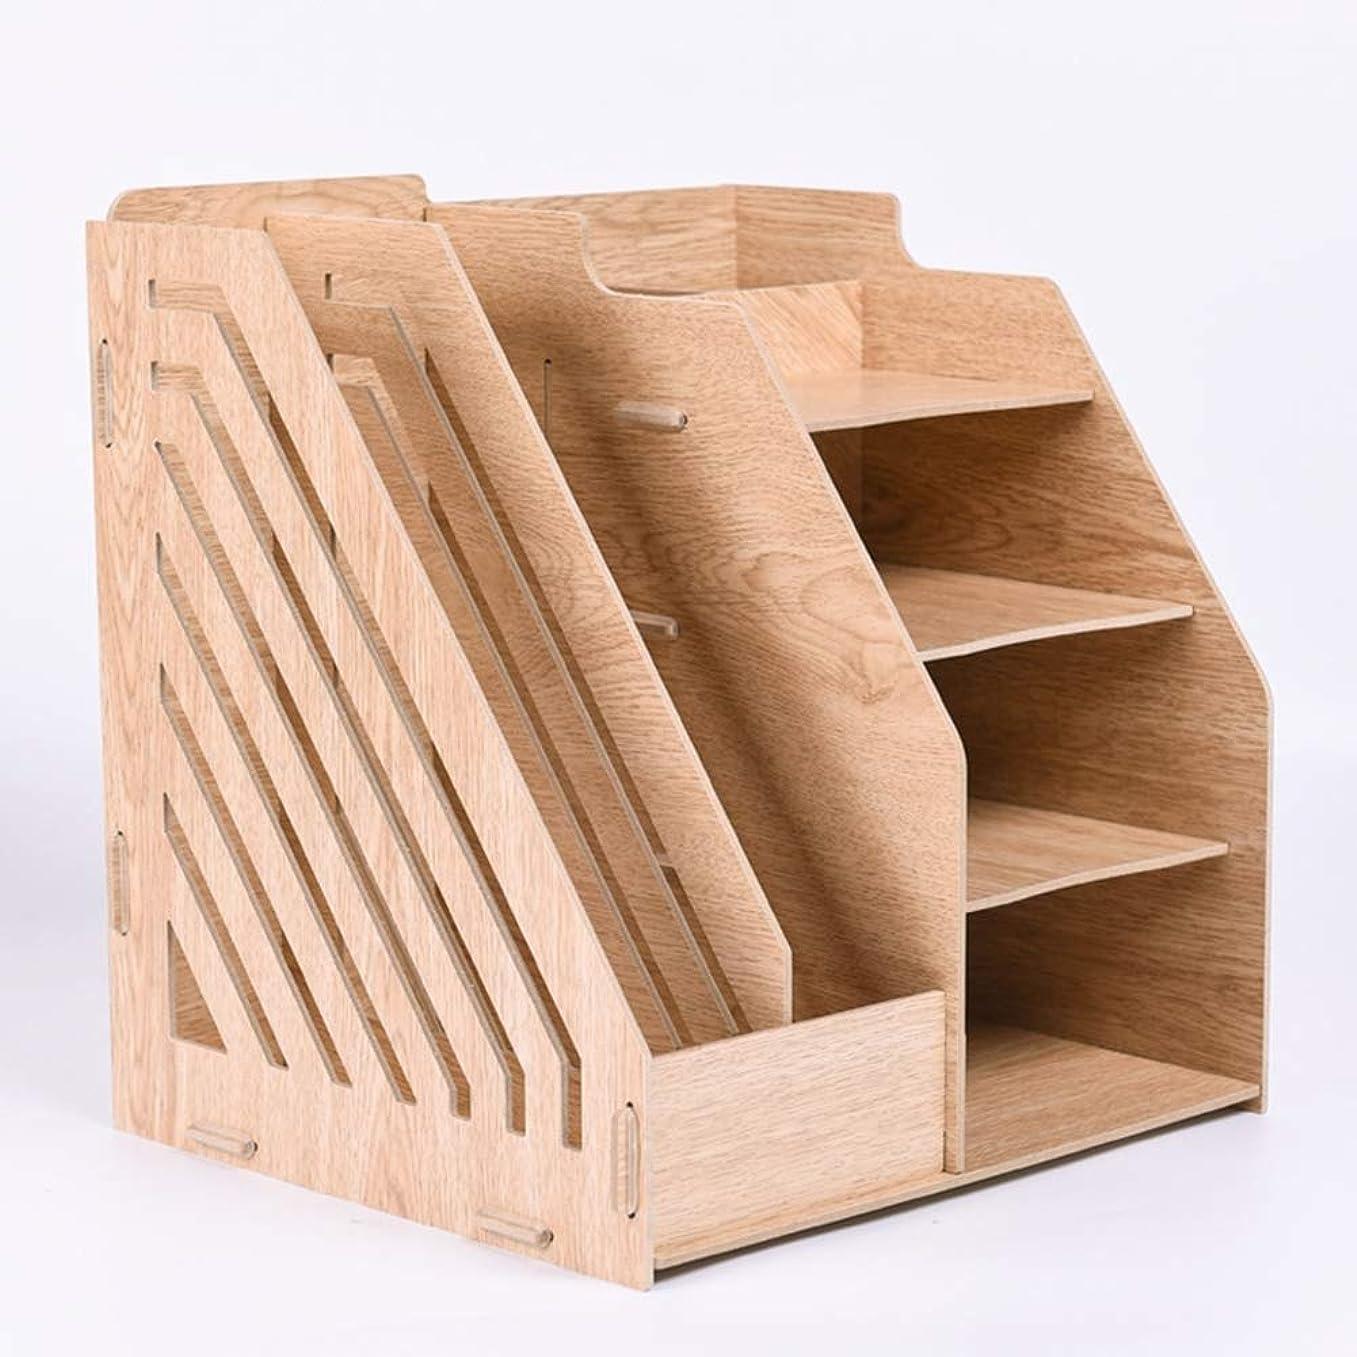 キャリッジそっと増強するDongshop ブックリーガルデスクトップ文房具ストレージボックス、木製デスクオーガナイザー引き出しトレイオフィスデスクトップのオルガナイザーファイルホルダーオフィスは4層6つのコンパートメント用品